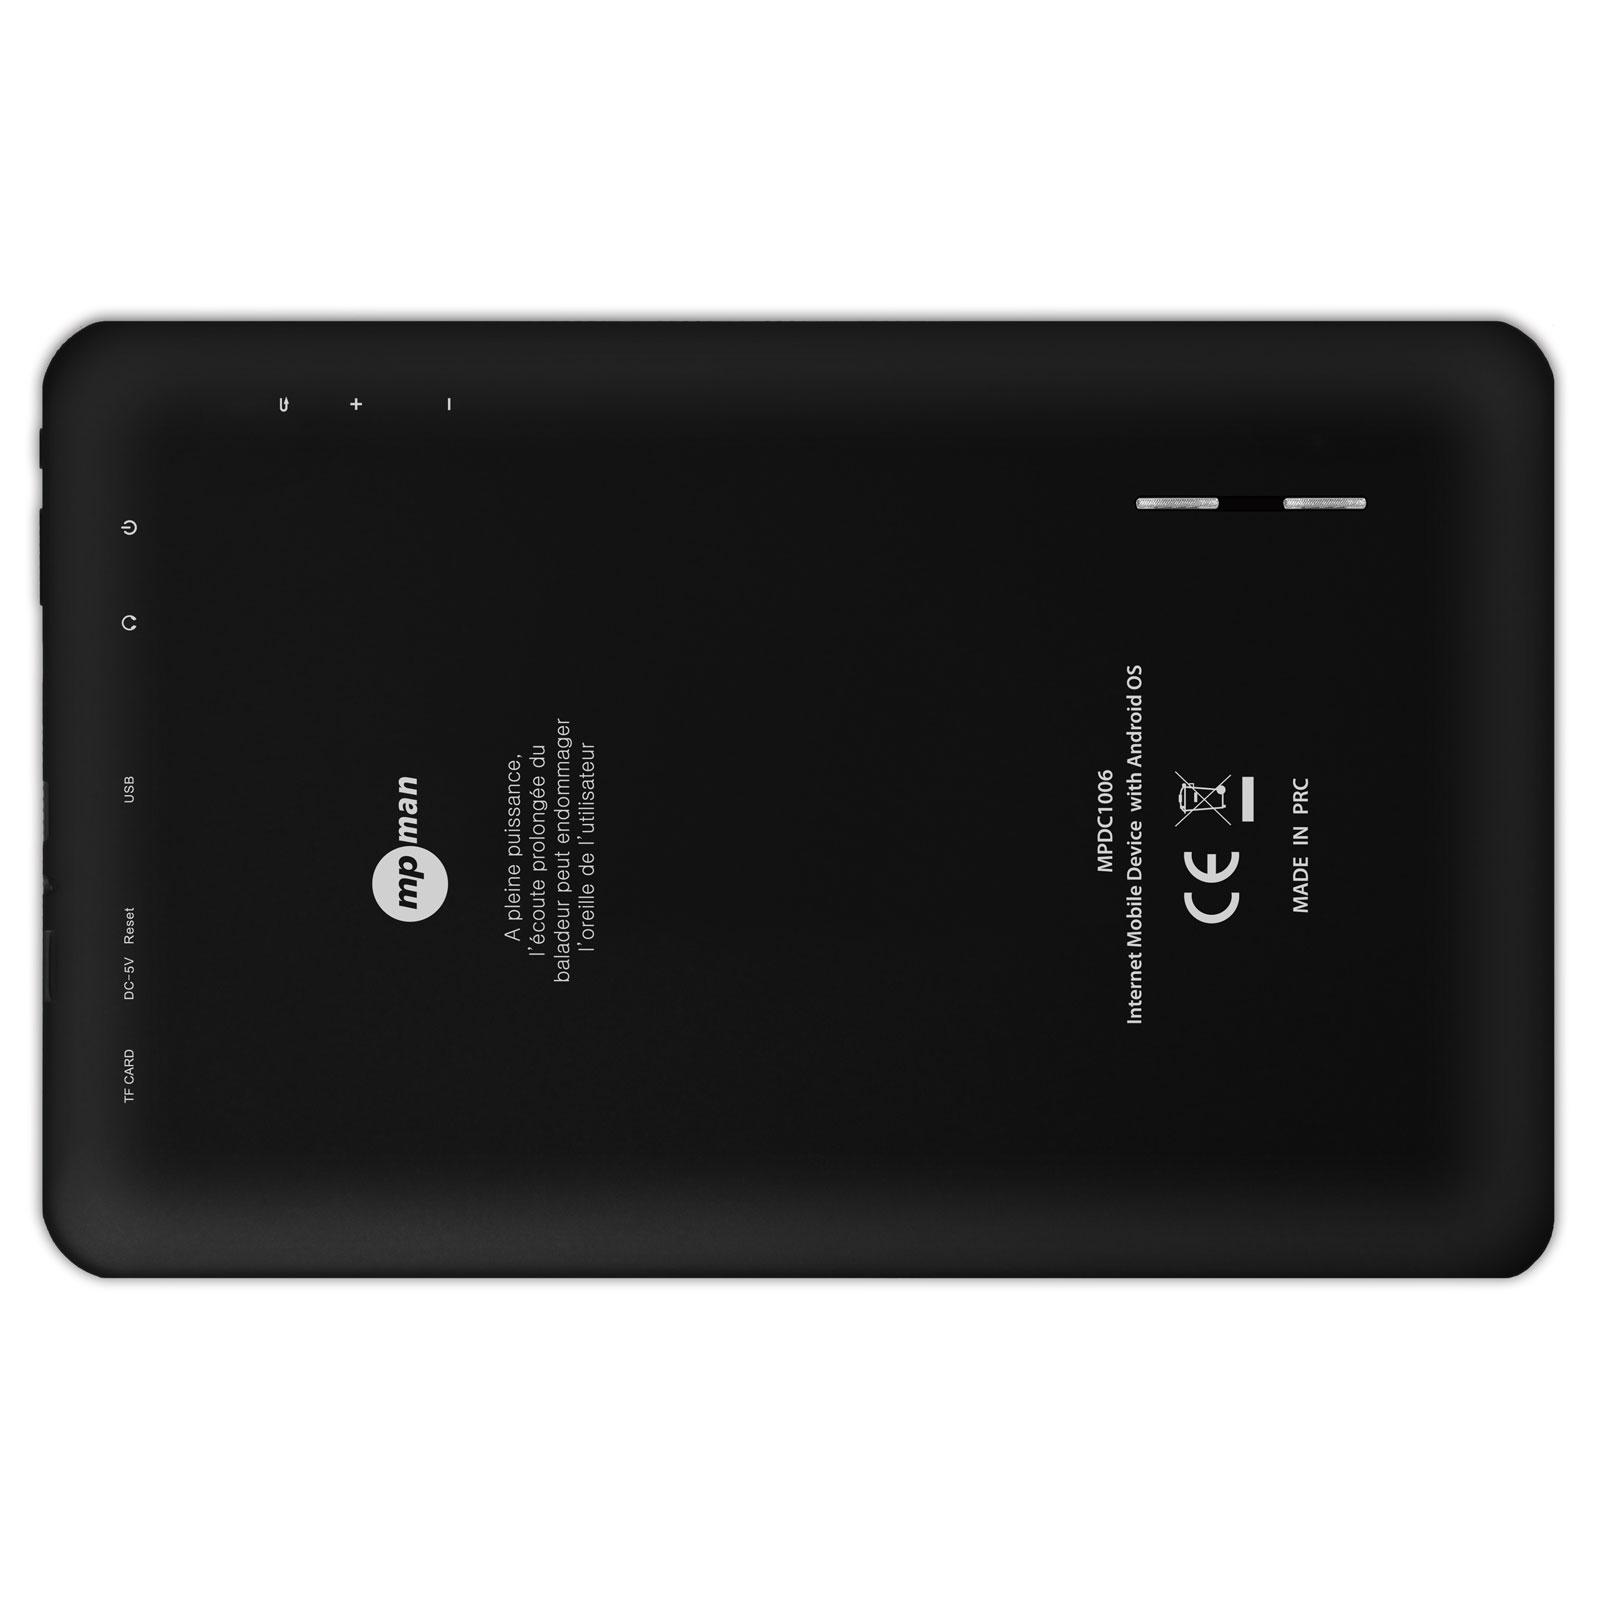 Mpman Mpdc1006 8 Go Tablette Tactile Mp Man Sur Ldlc Com